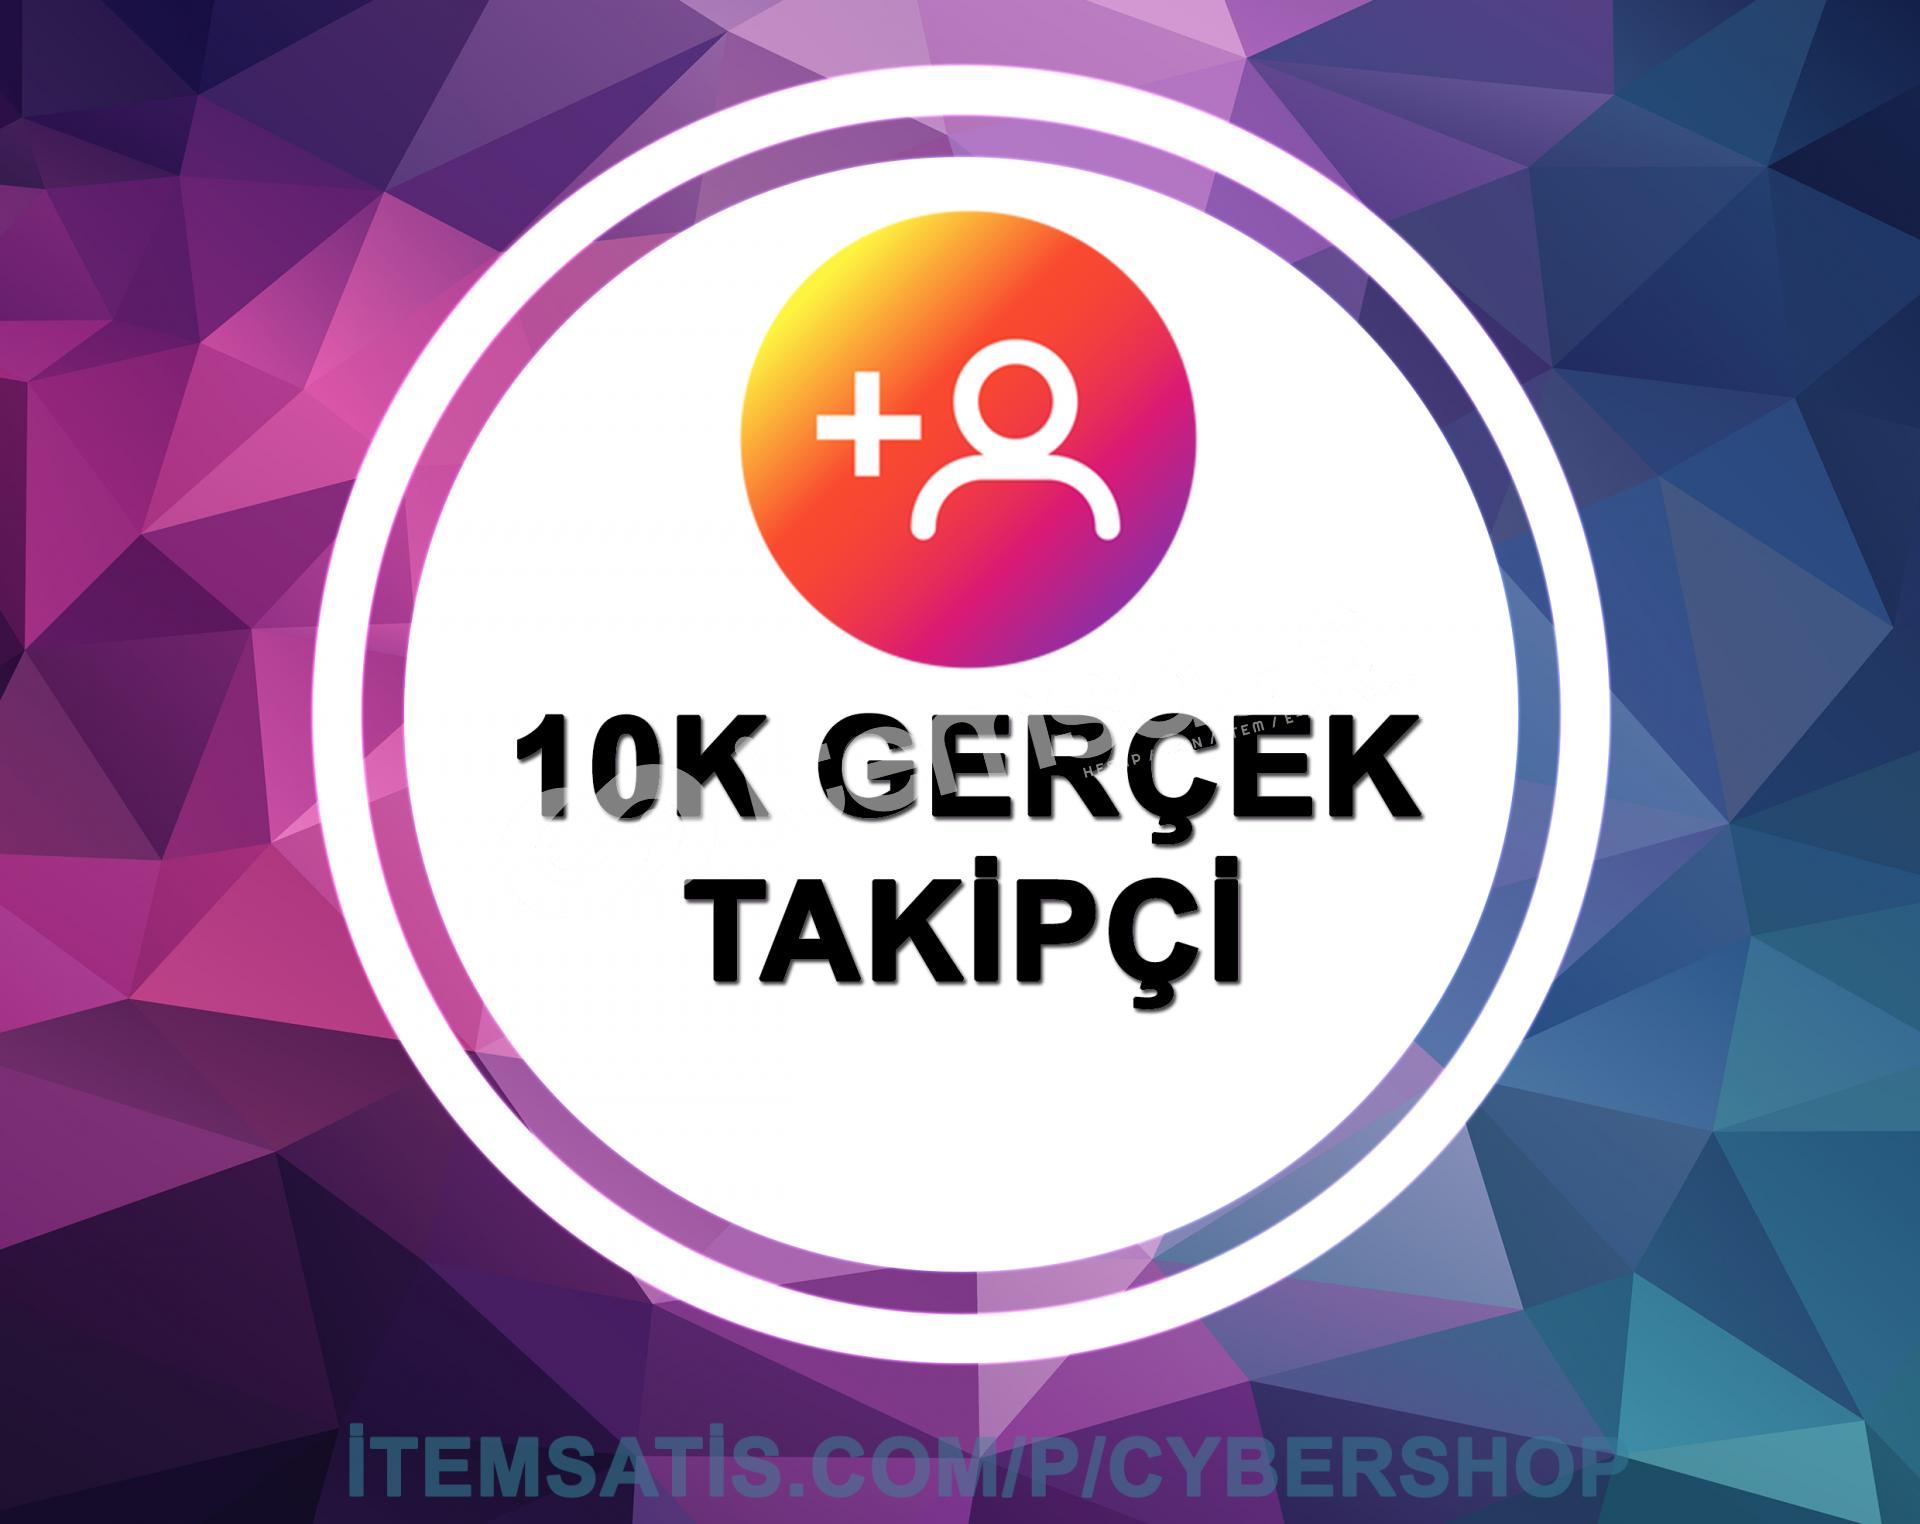 10.000 İnstagram [100% TÜRK] Takipçi Paketi